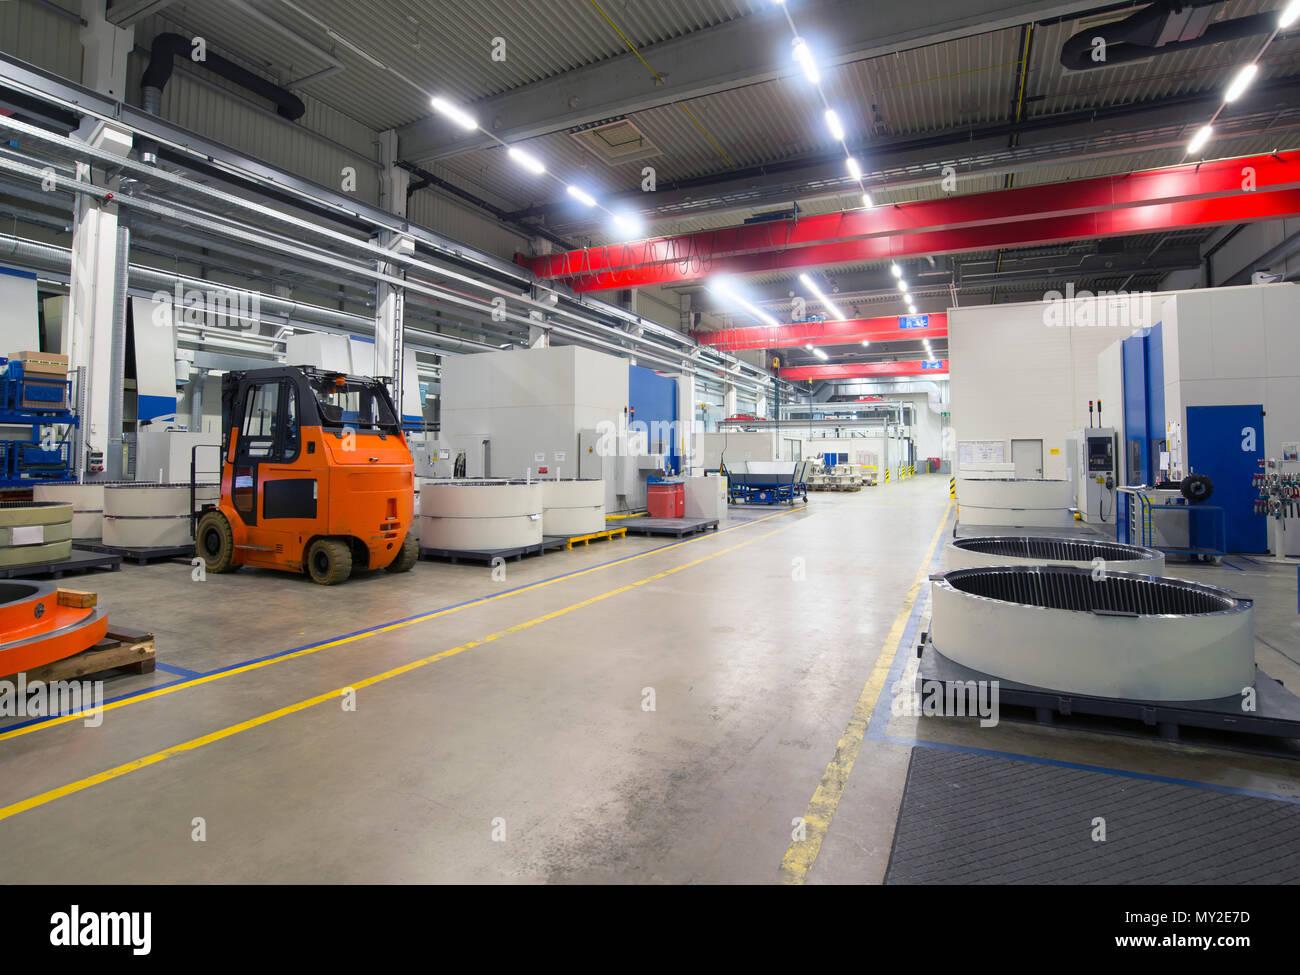 Werk des modernen Maschinenbaus - Produktion von Getrieben für Windkraftanlagen Stockbild